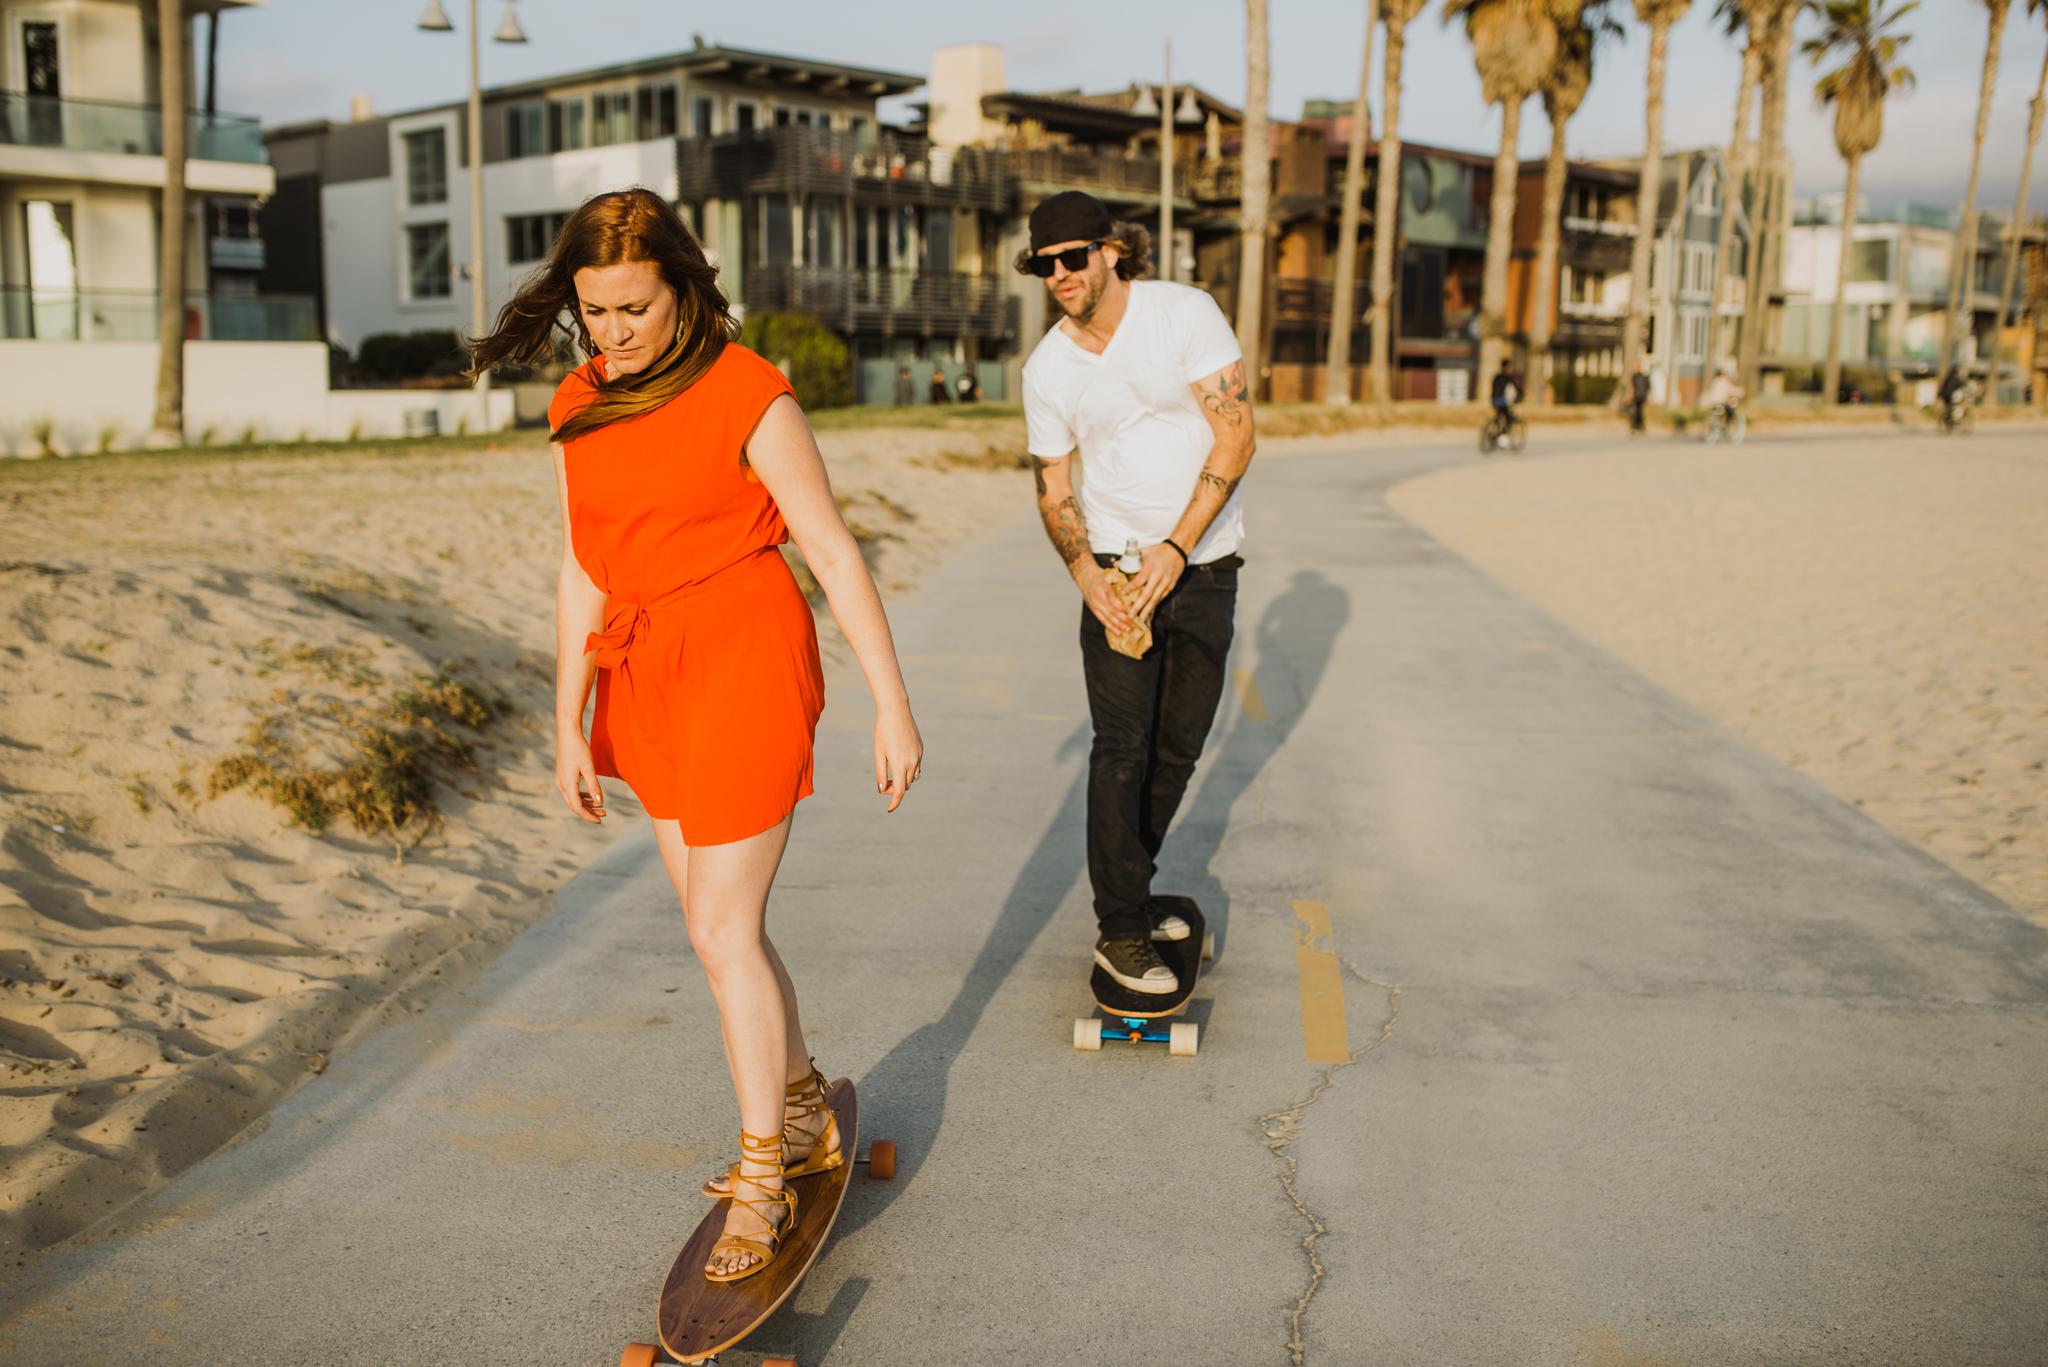 ©Isaiah & Taylor Photography  - Los Angeles Wedding Photographer - Venice Beach-42.jpg